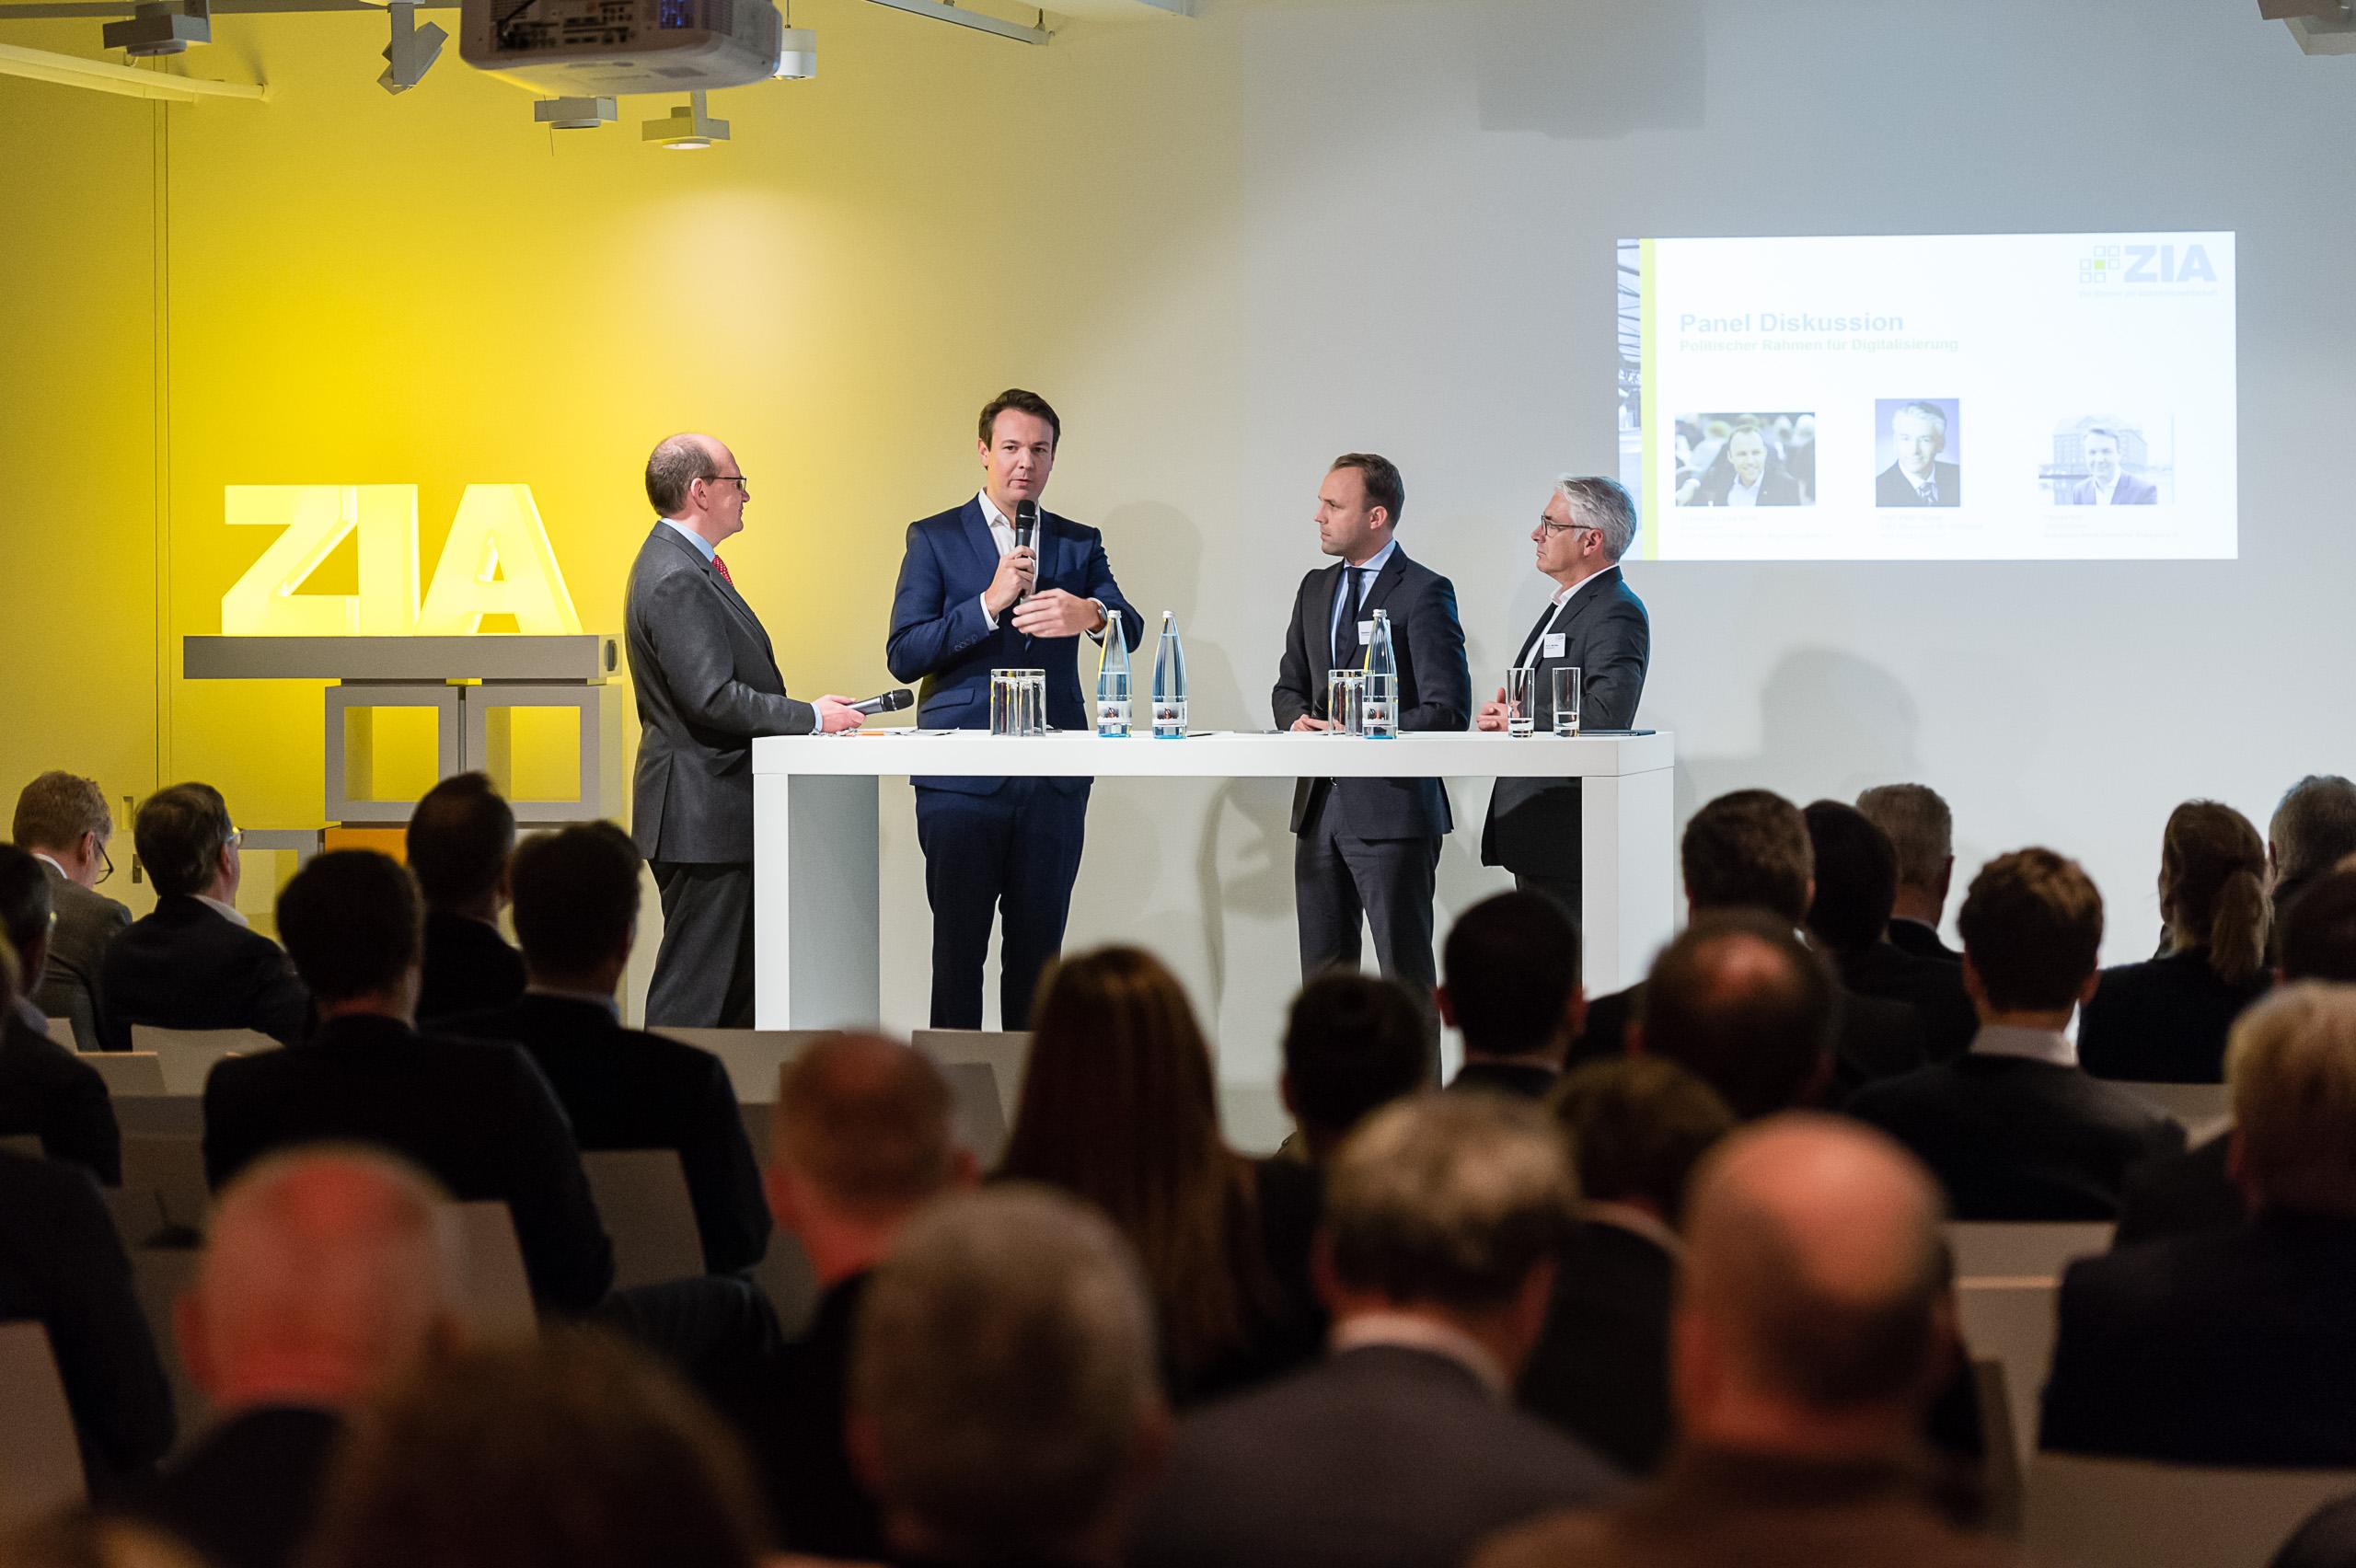 Innovationskongress, ZIA